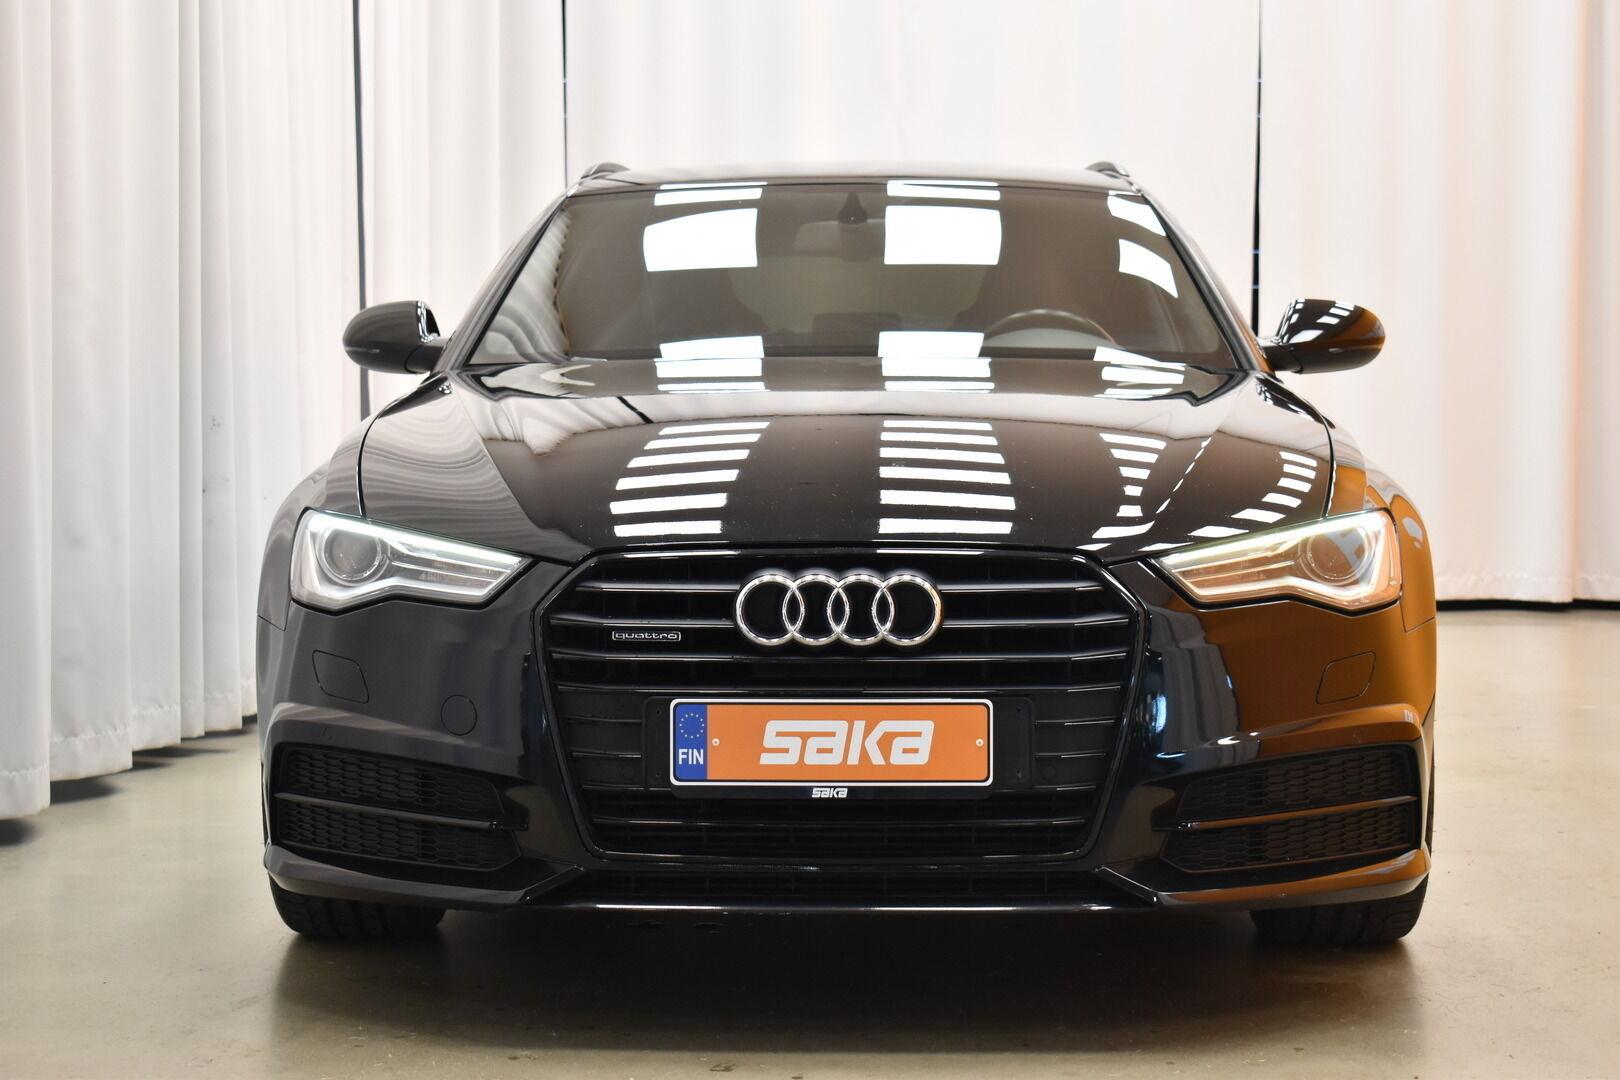 Musta Farmari, Audi A6 – OUL-89168, kuva 2